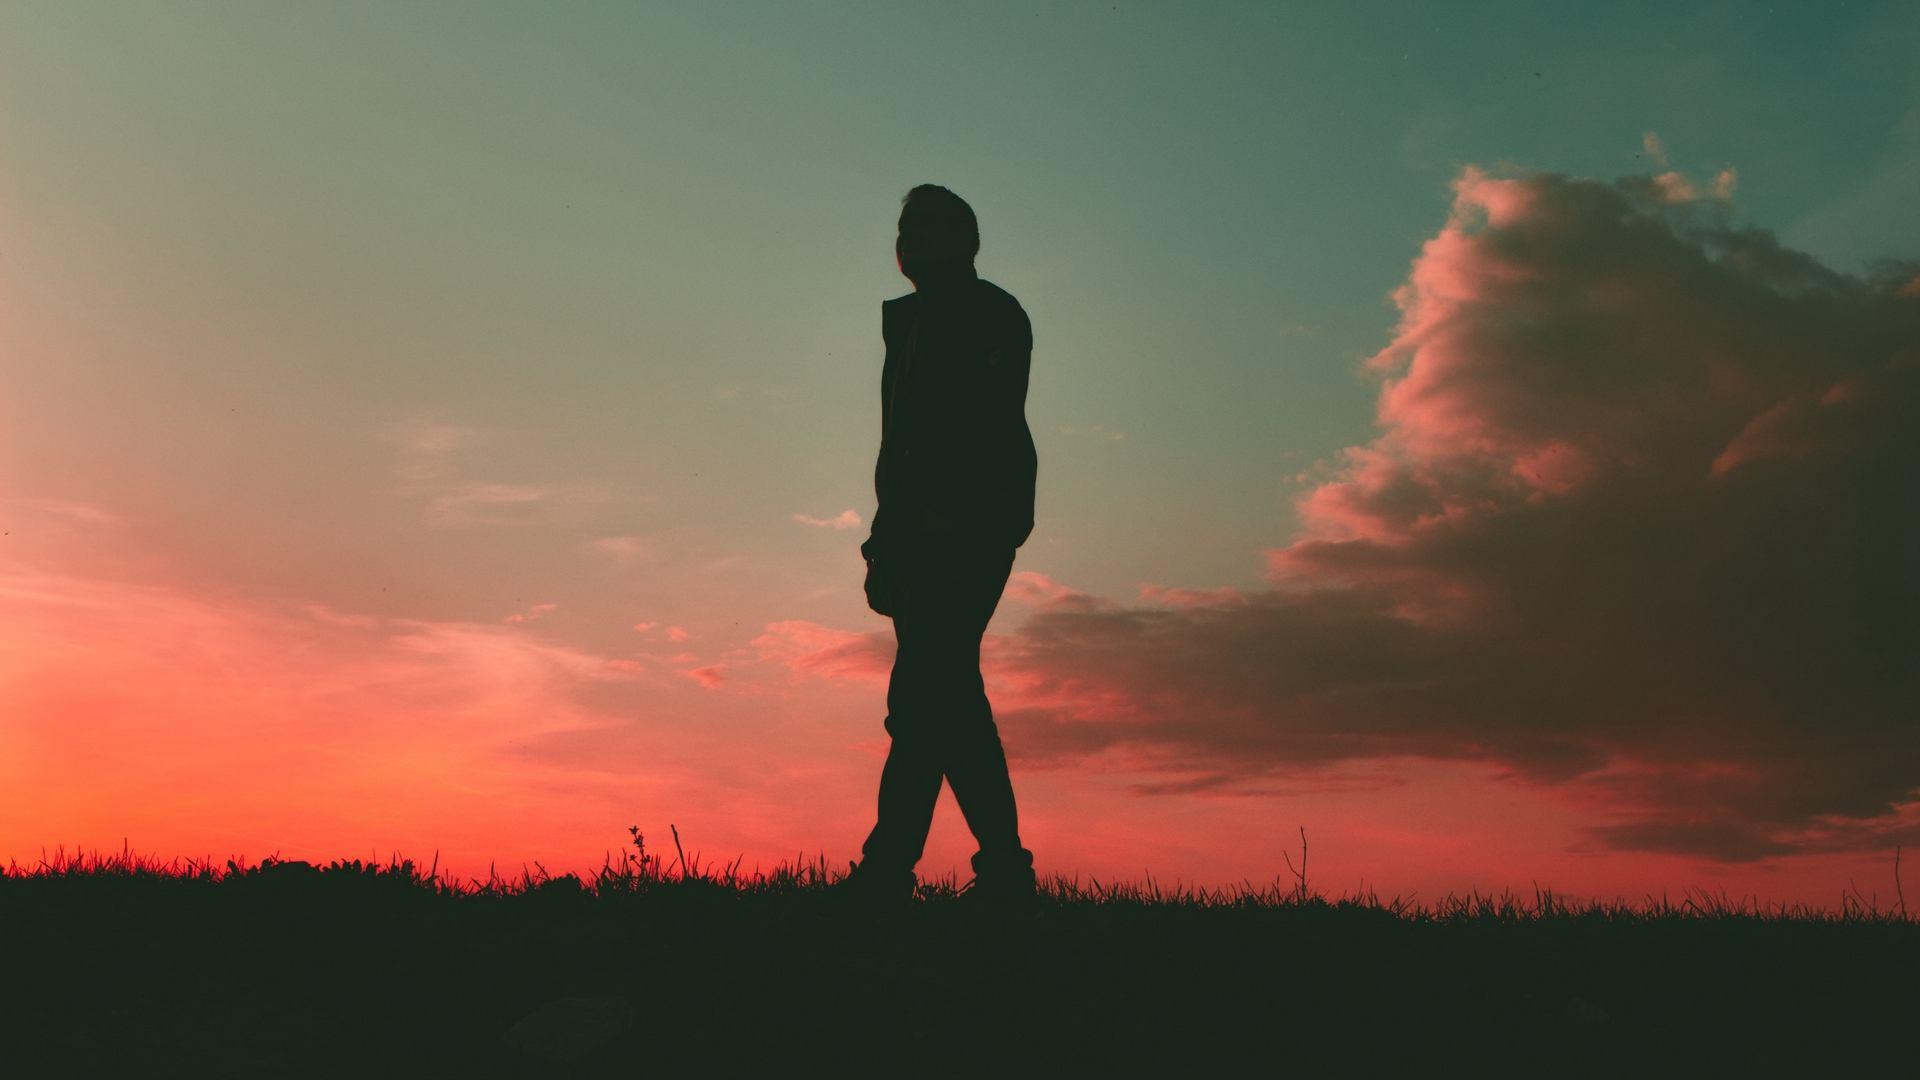 被遗弃的伤感说说 有种被爱人抛弃的句子